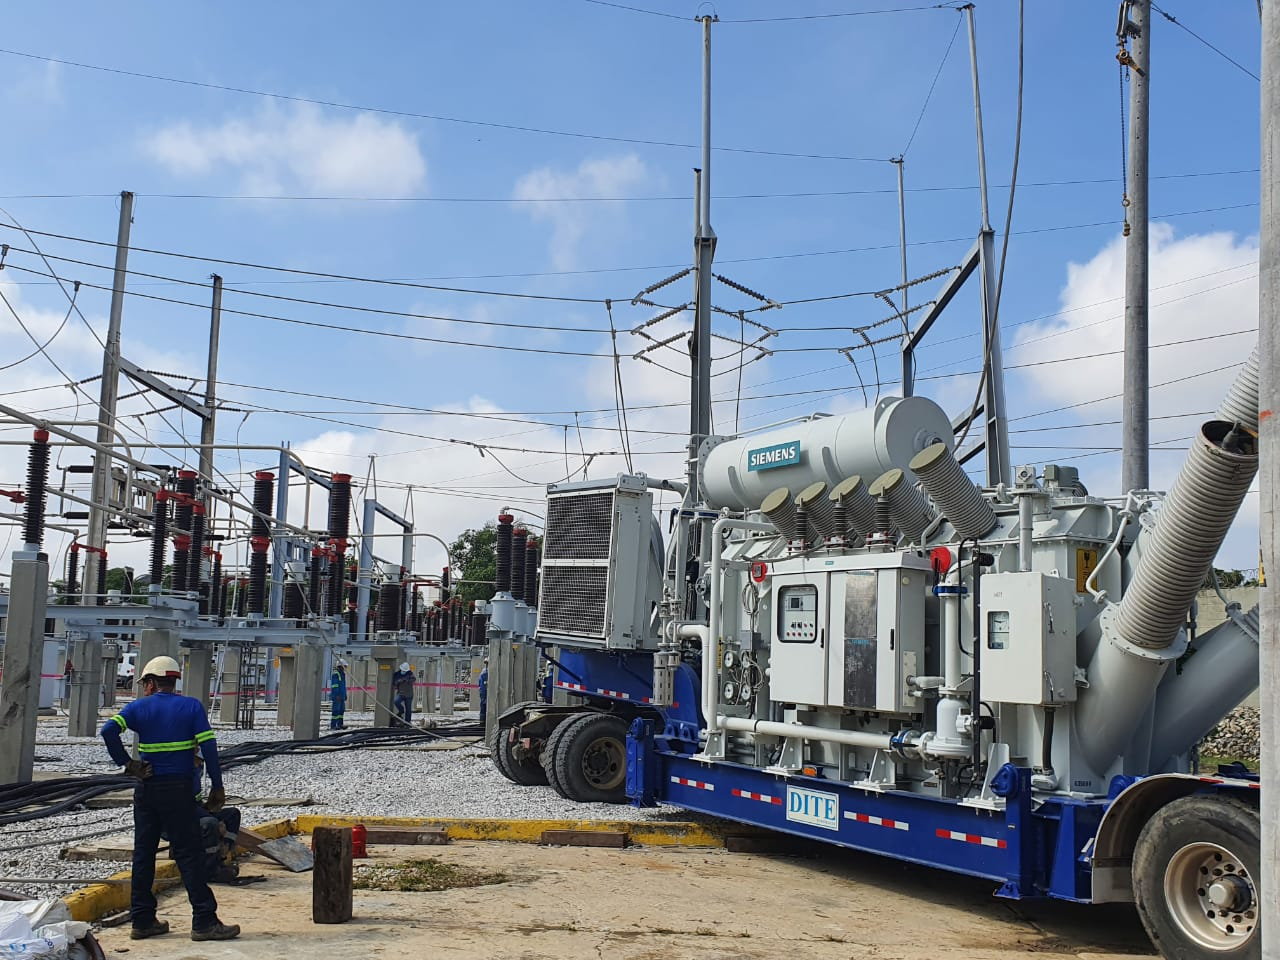 Se superó la emergencia eléctrica en la subestación Silencio de Barranquilla – @aire_energia